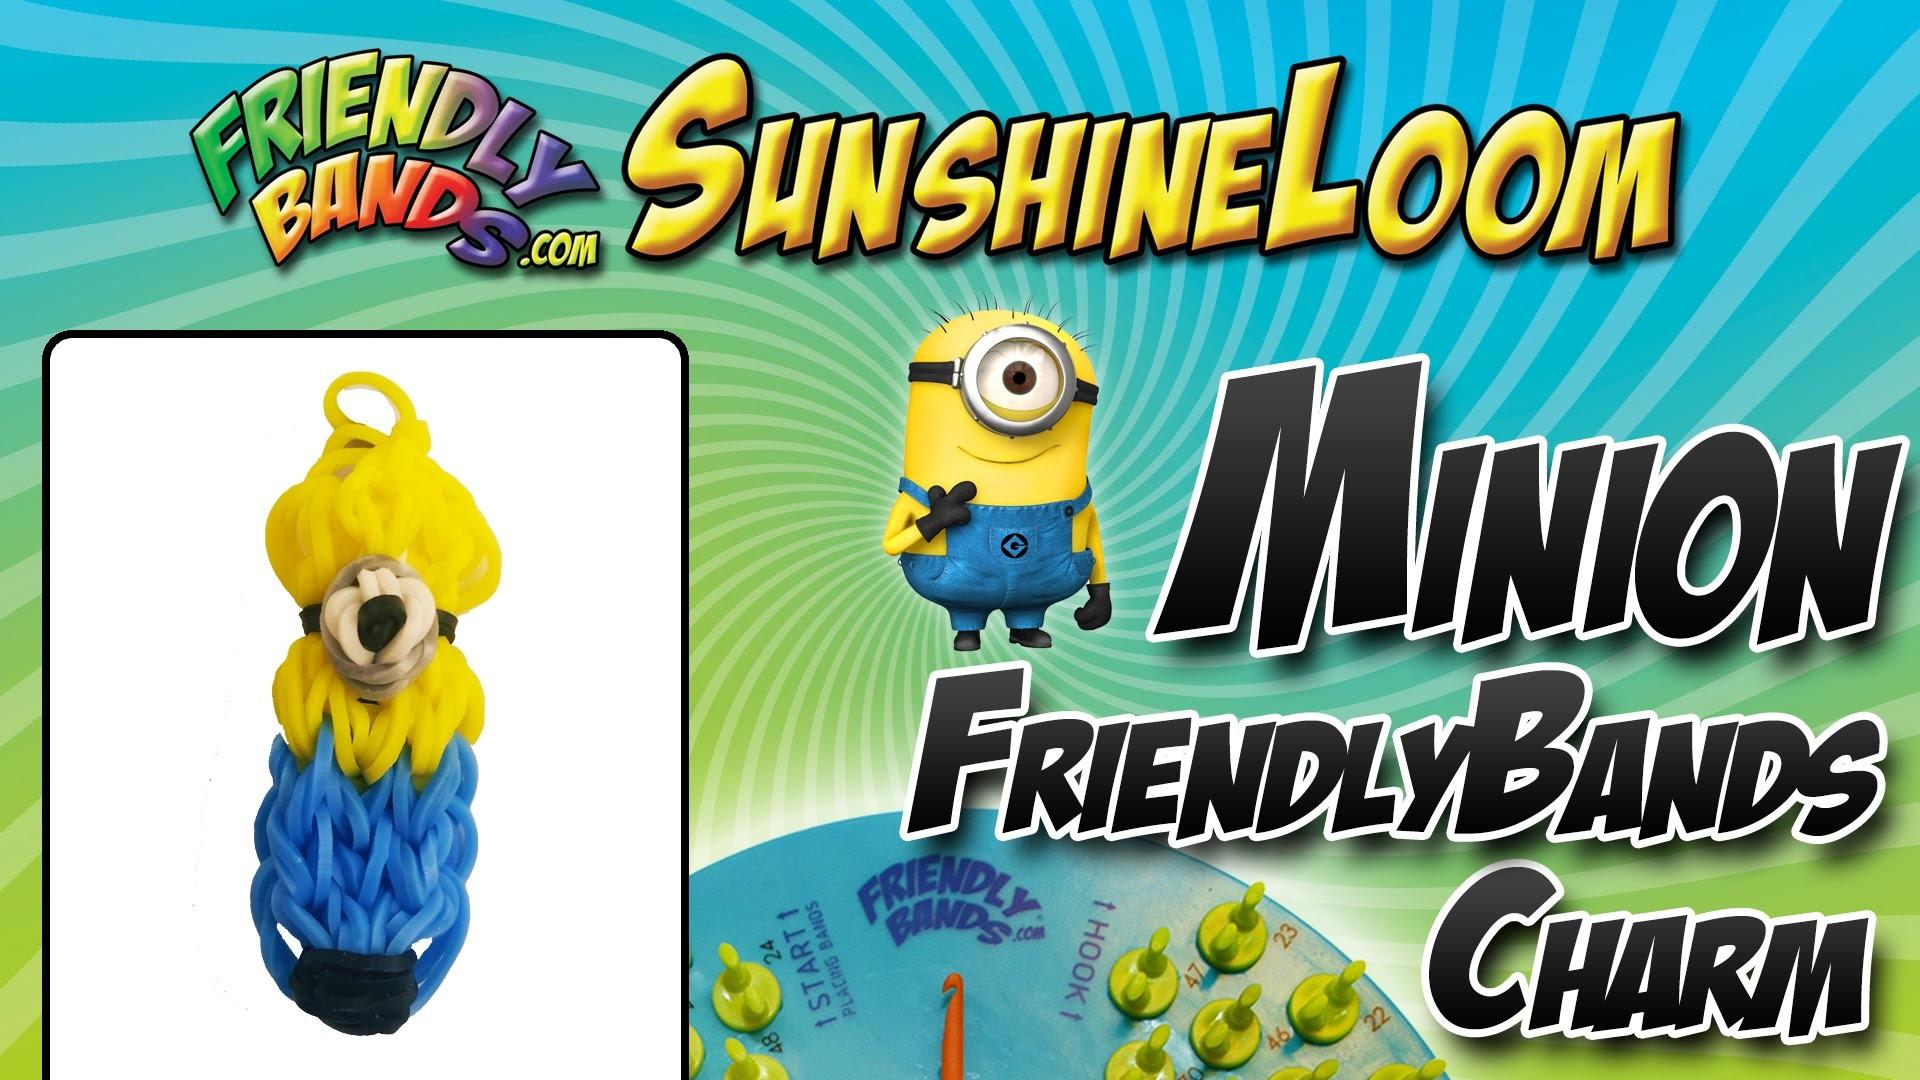 How to Make a FriendlyBand SunshineLoom - Minion Charm Tutorial